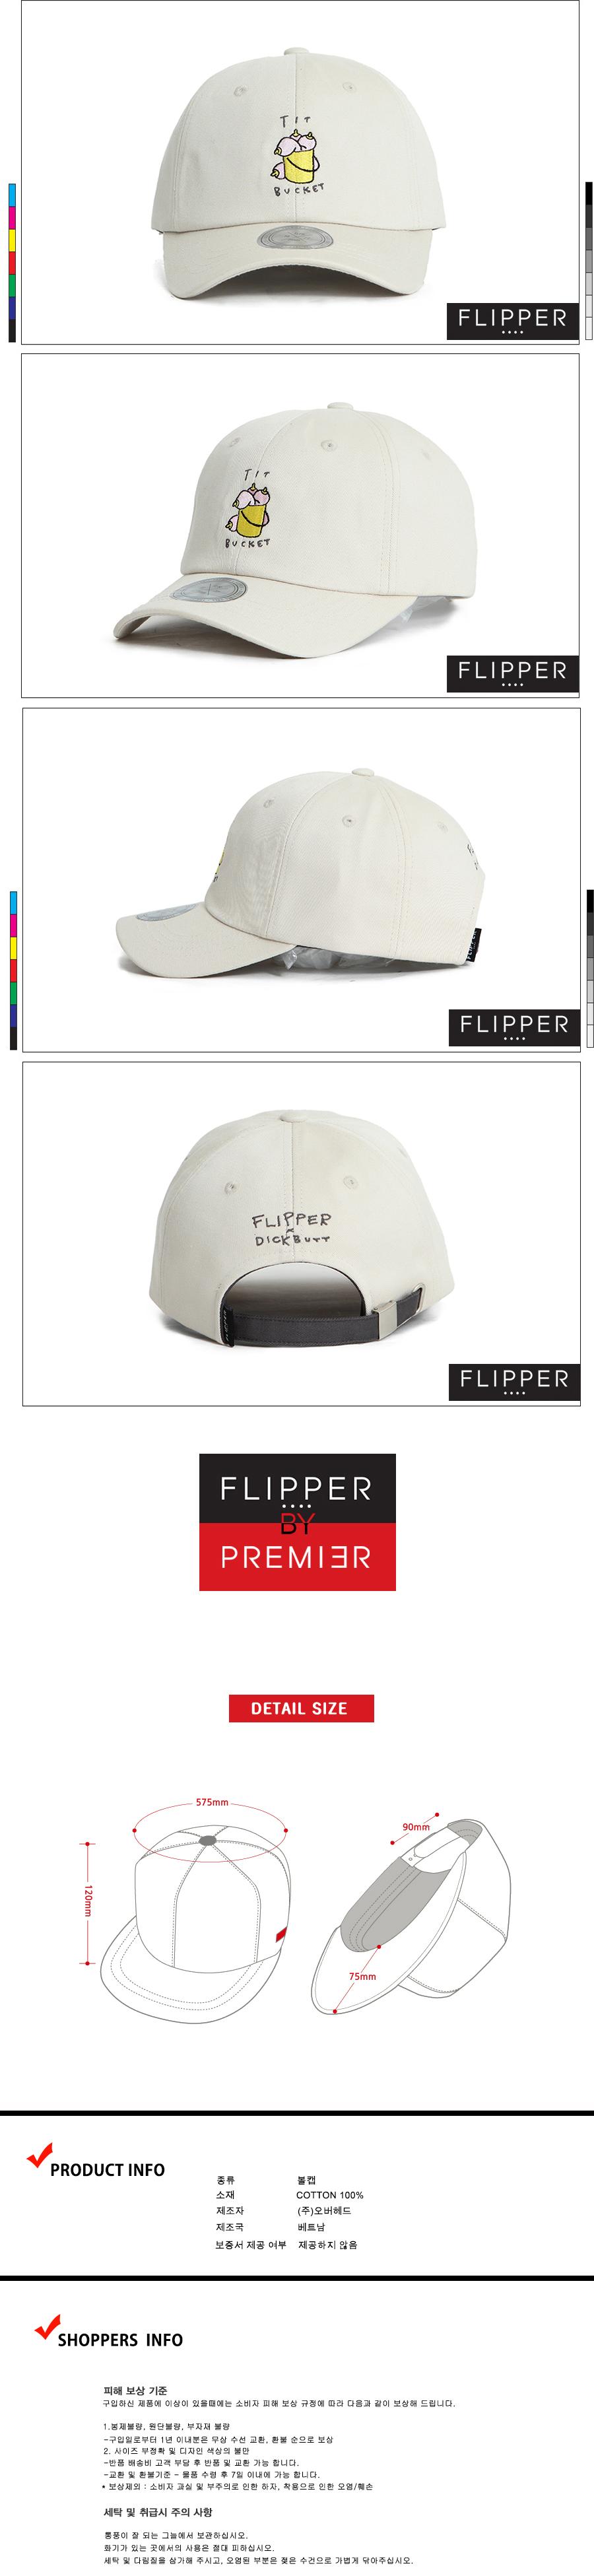 [ PREMIER ] [Premier] Flipper Ball Cap Tit Bucket Beige (FL071)